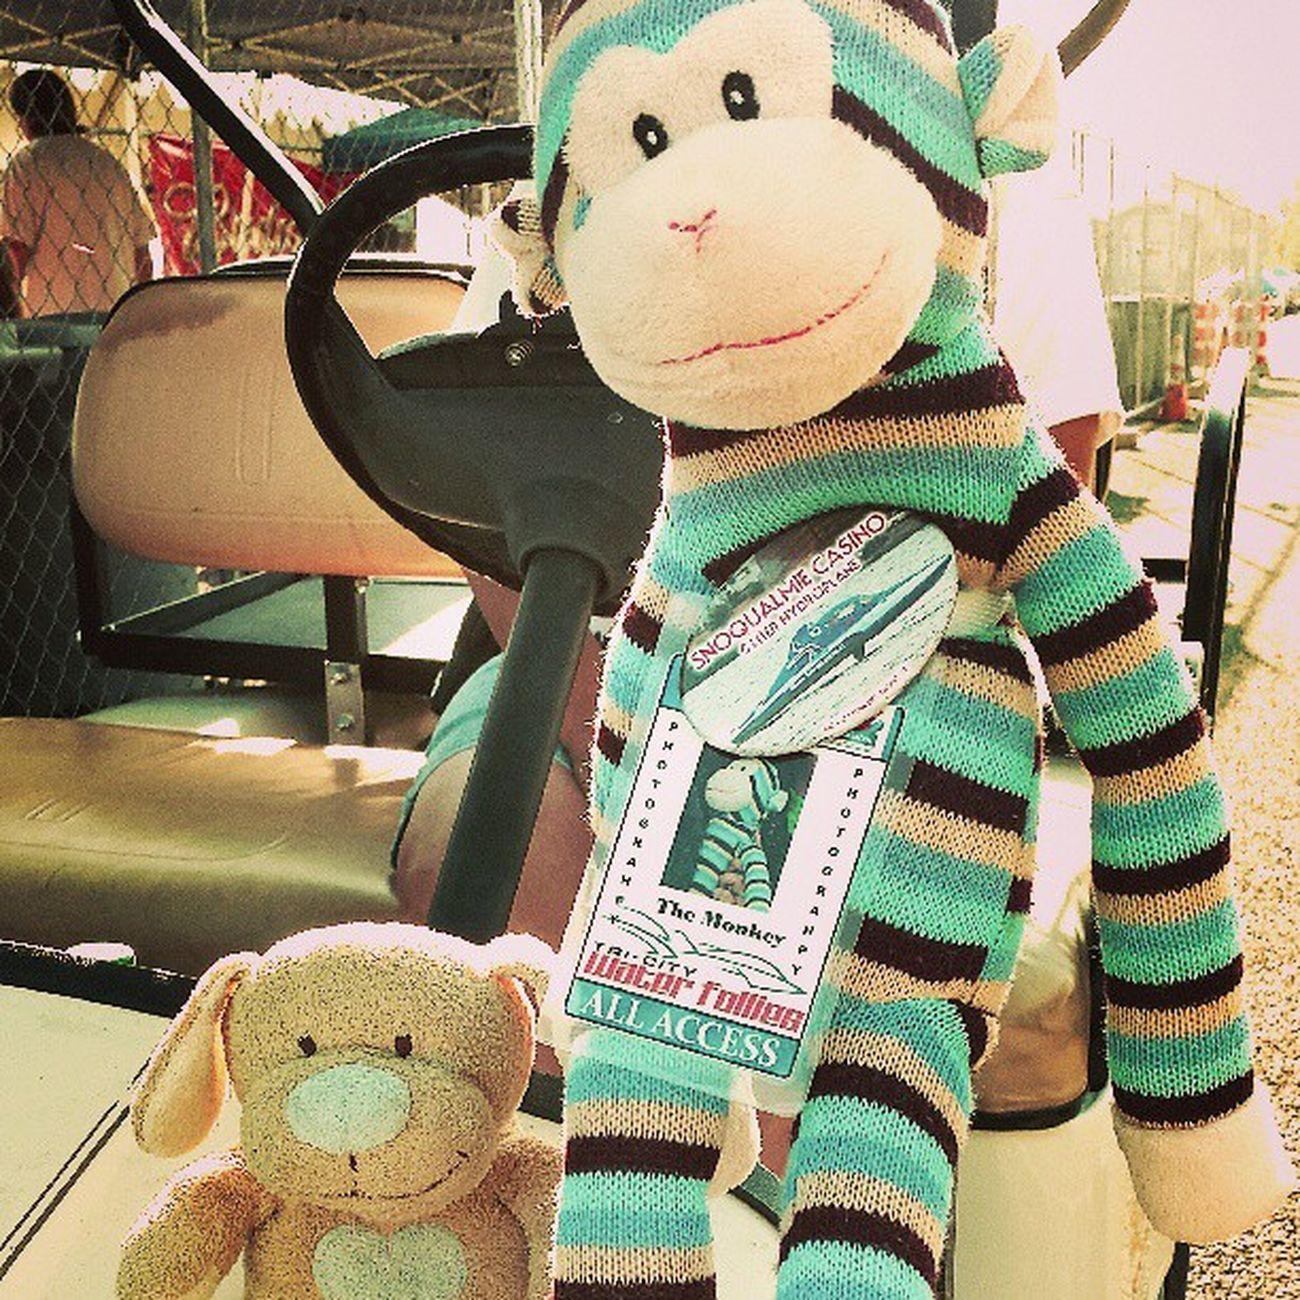 Freelance Puppy found a friend Hydro Monkey Hydroplane Races 2013